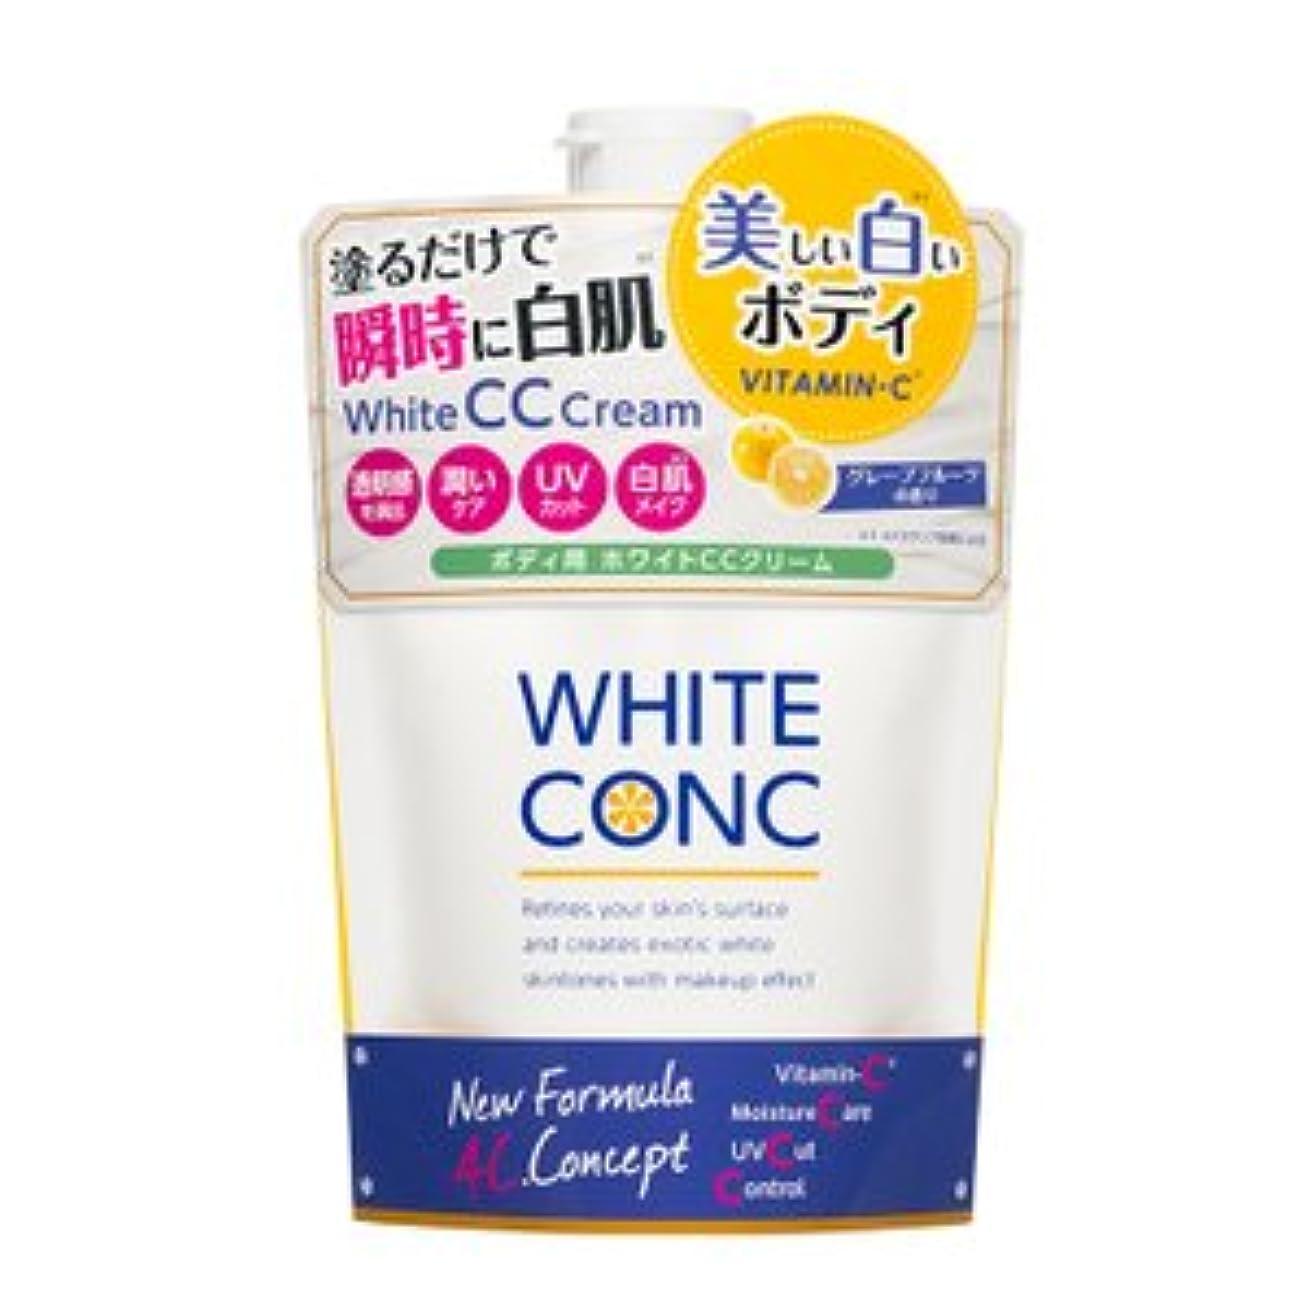 気を散らす化学食品薬用ホワイトコンクホワイトCCクリーム 200g